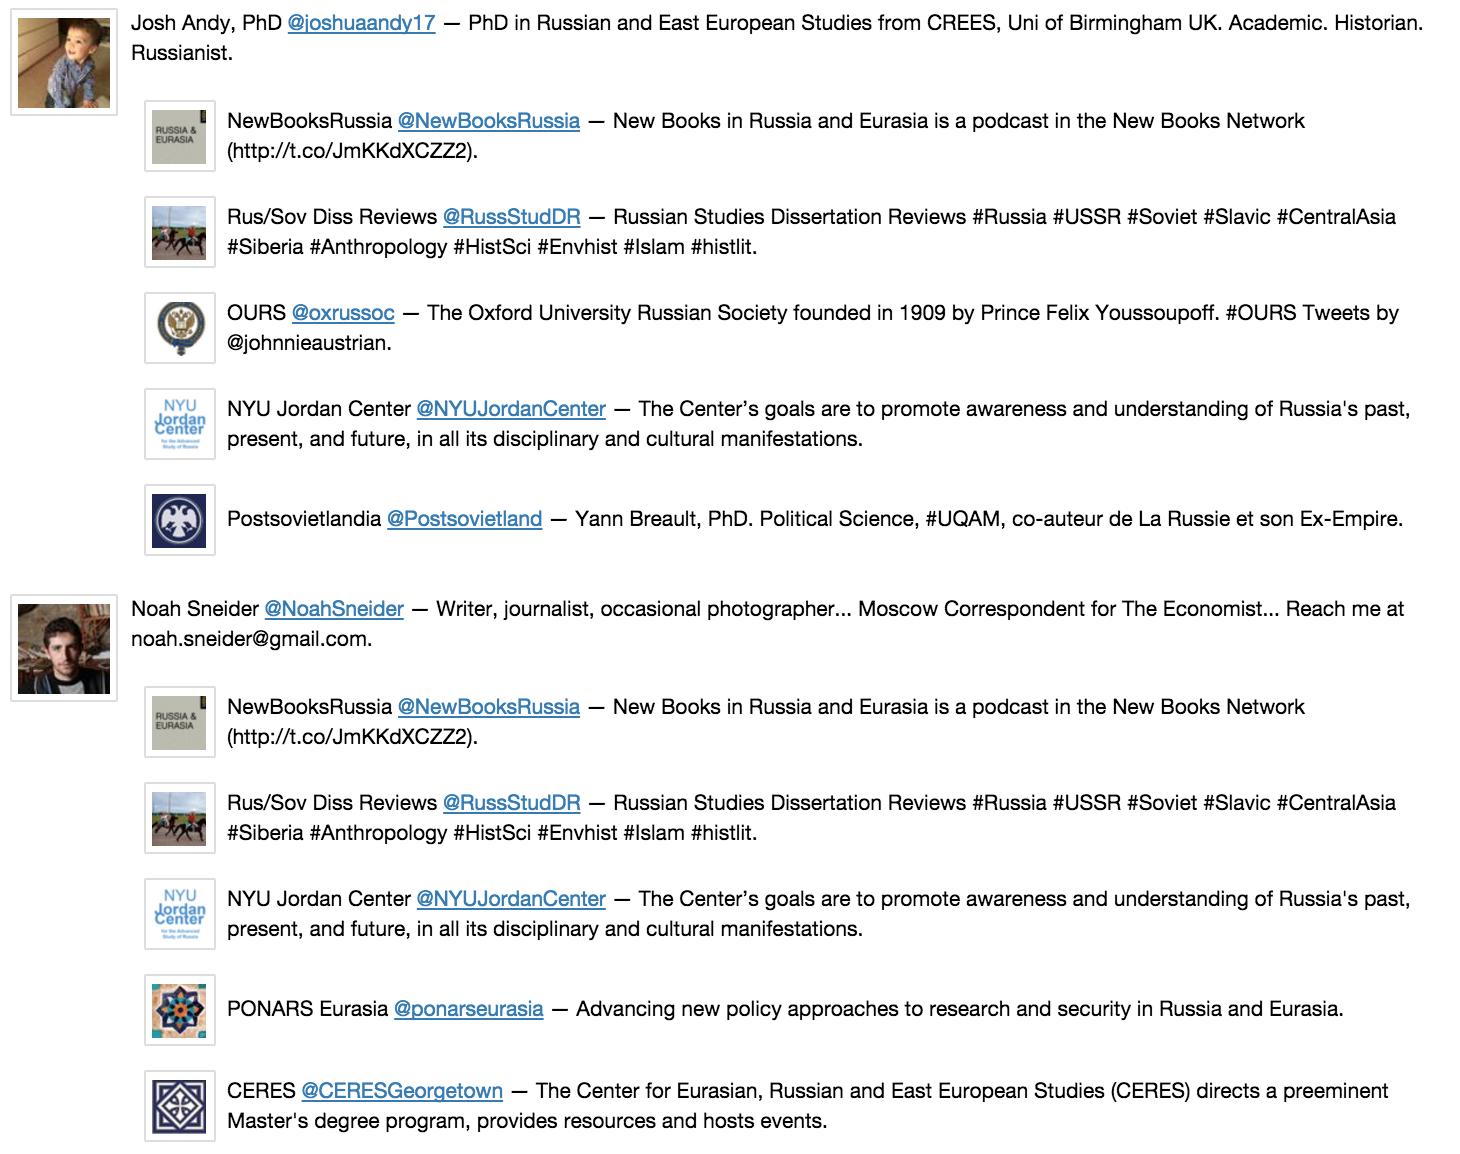 Поиск потенциальных фолловеров в Твиттере - 6